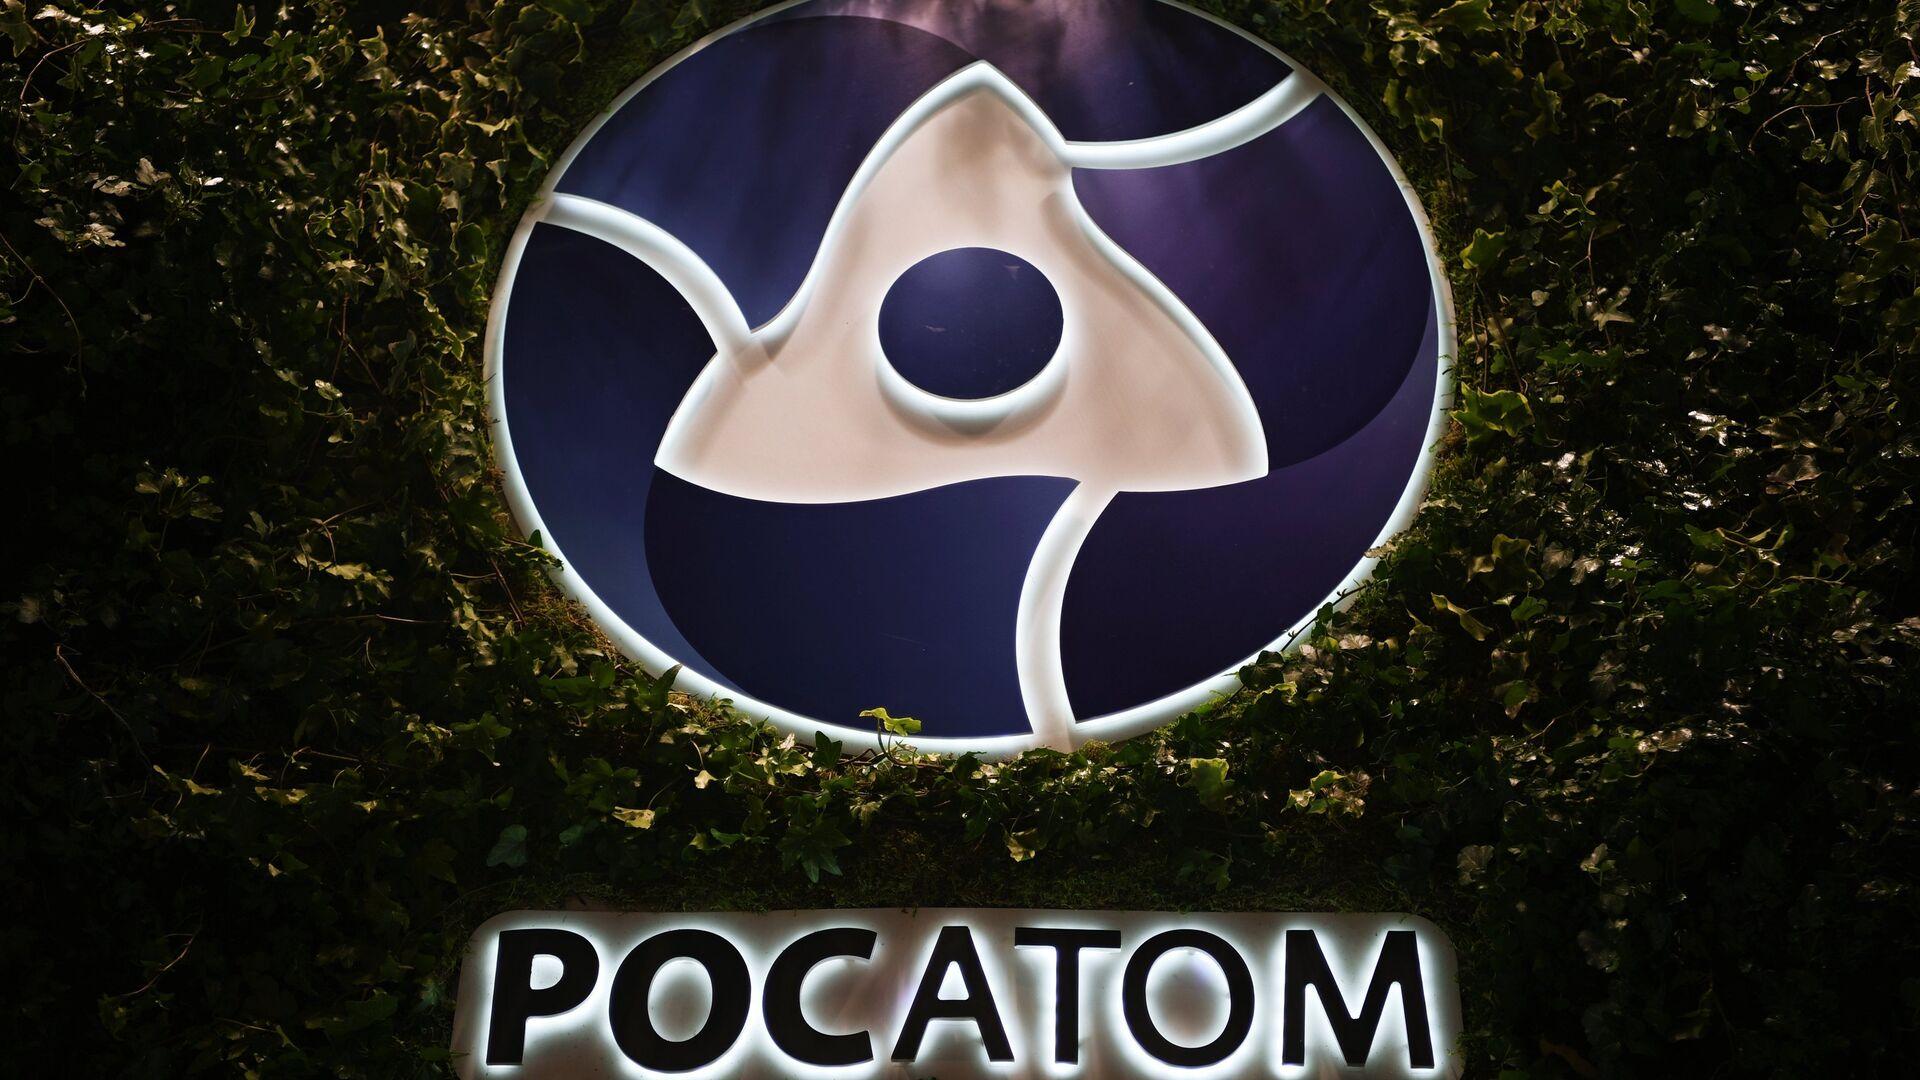 Logo de la compañía rusa Rosatom - Sputnik Mundo, 1920, 15.09.2021